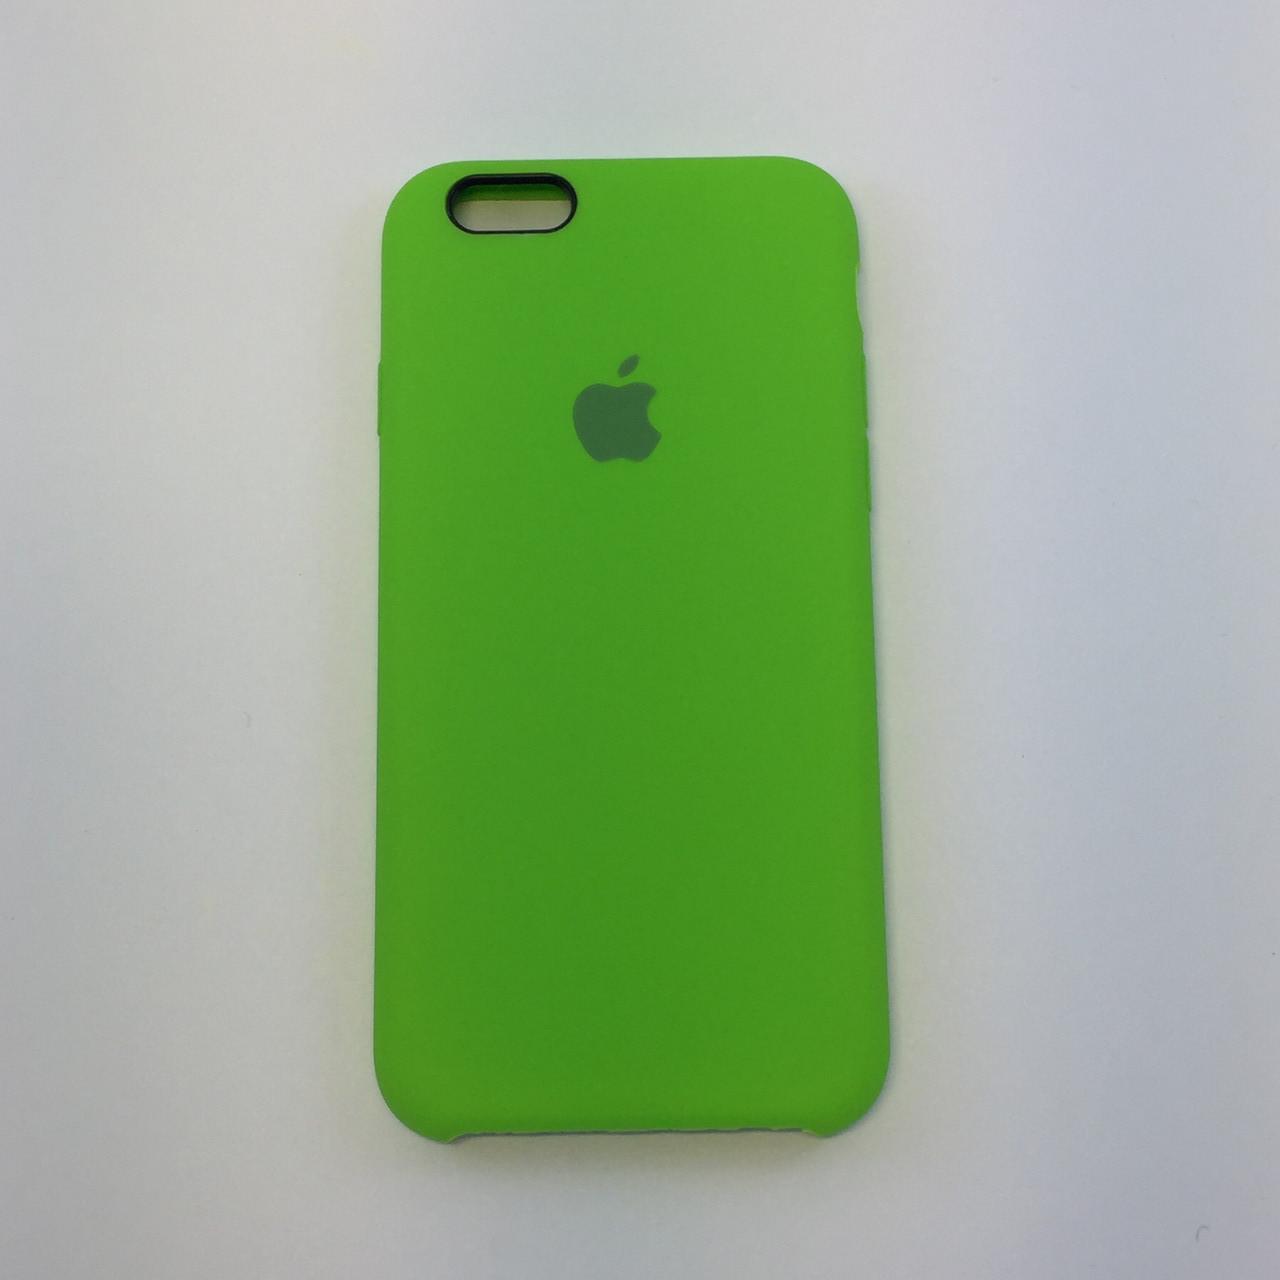 Силиконовый чехол для iPhone 6/6s, - «лайм» - copy original